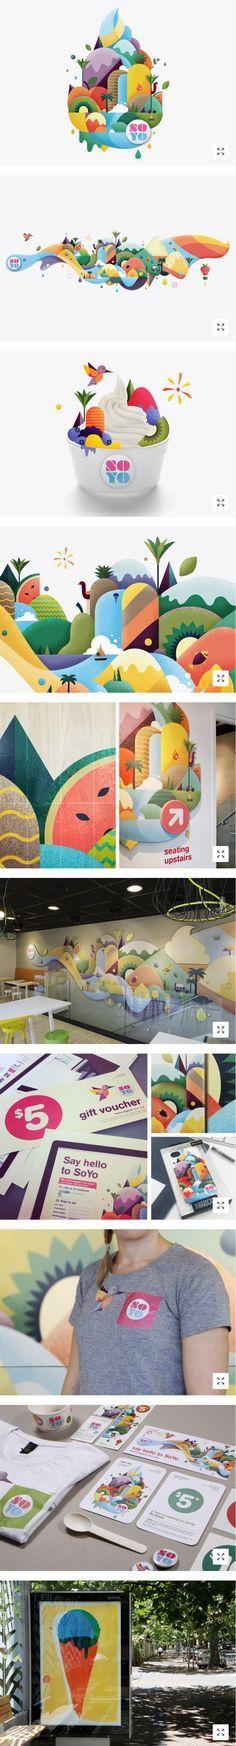 ศิลปะการออกแบบกราฟิก P- การออกแบบกราฟิกที่ดีที่สุดของนิวซีแลนด์เลือก ...